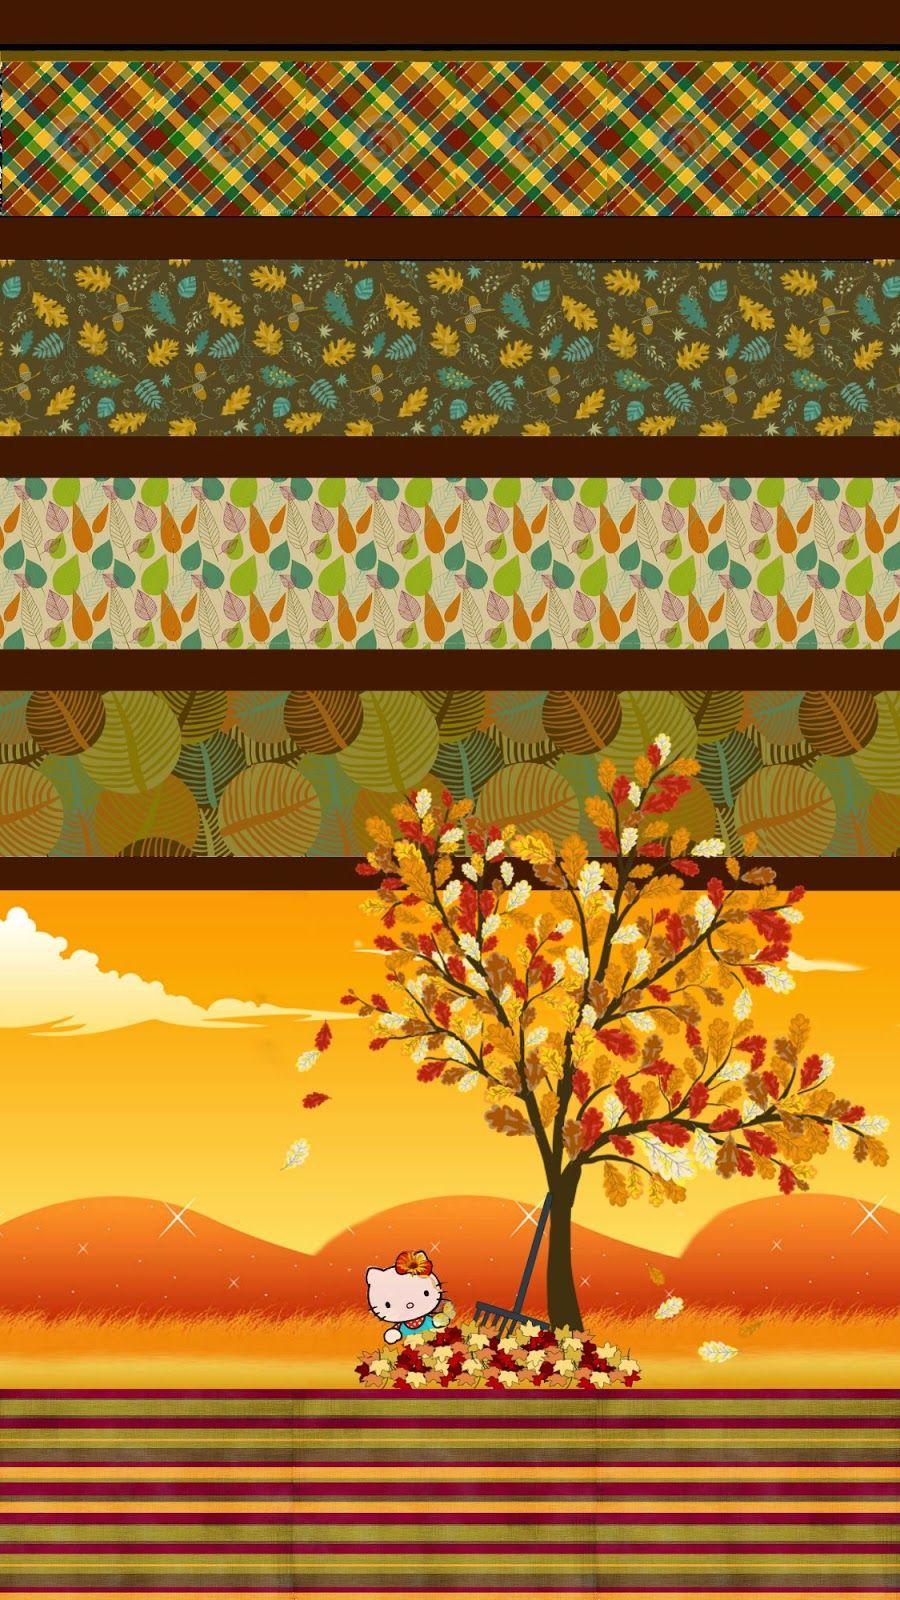 Download Wallpaper Hello Kitty Orange - 0a38b580b9b789aaf390d2d51752fbdf  HD_468074.jpg